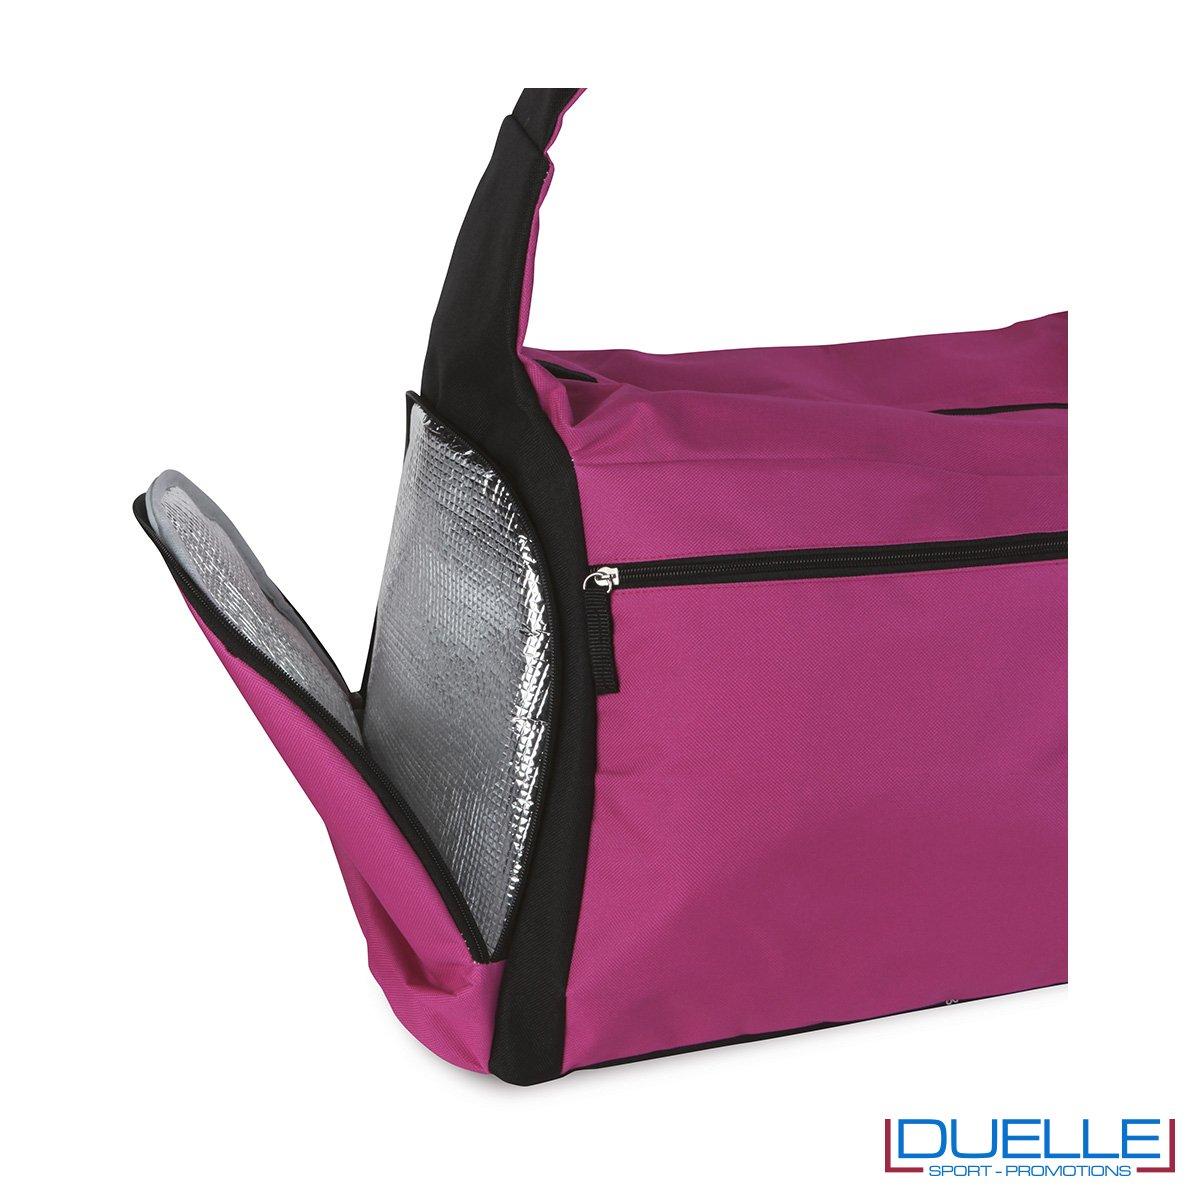 particolare chiusura termica della borsa sportiva colore FUXIA ideale per la palestra, borse sportive personalizzate, gadget sportivi personalizzati